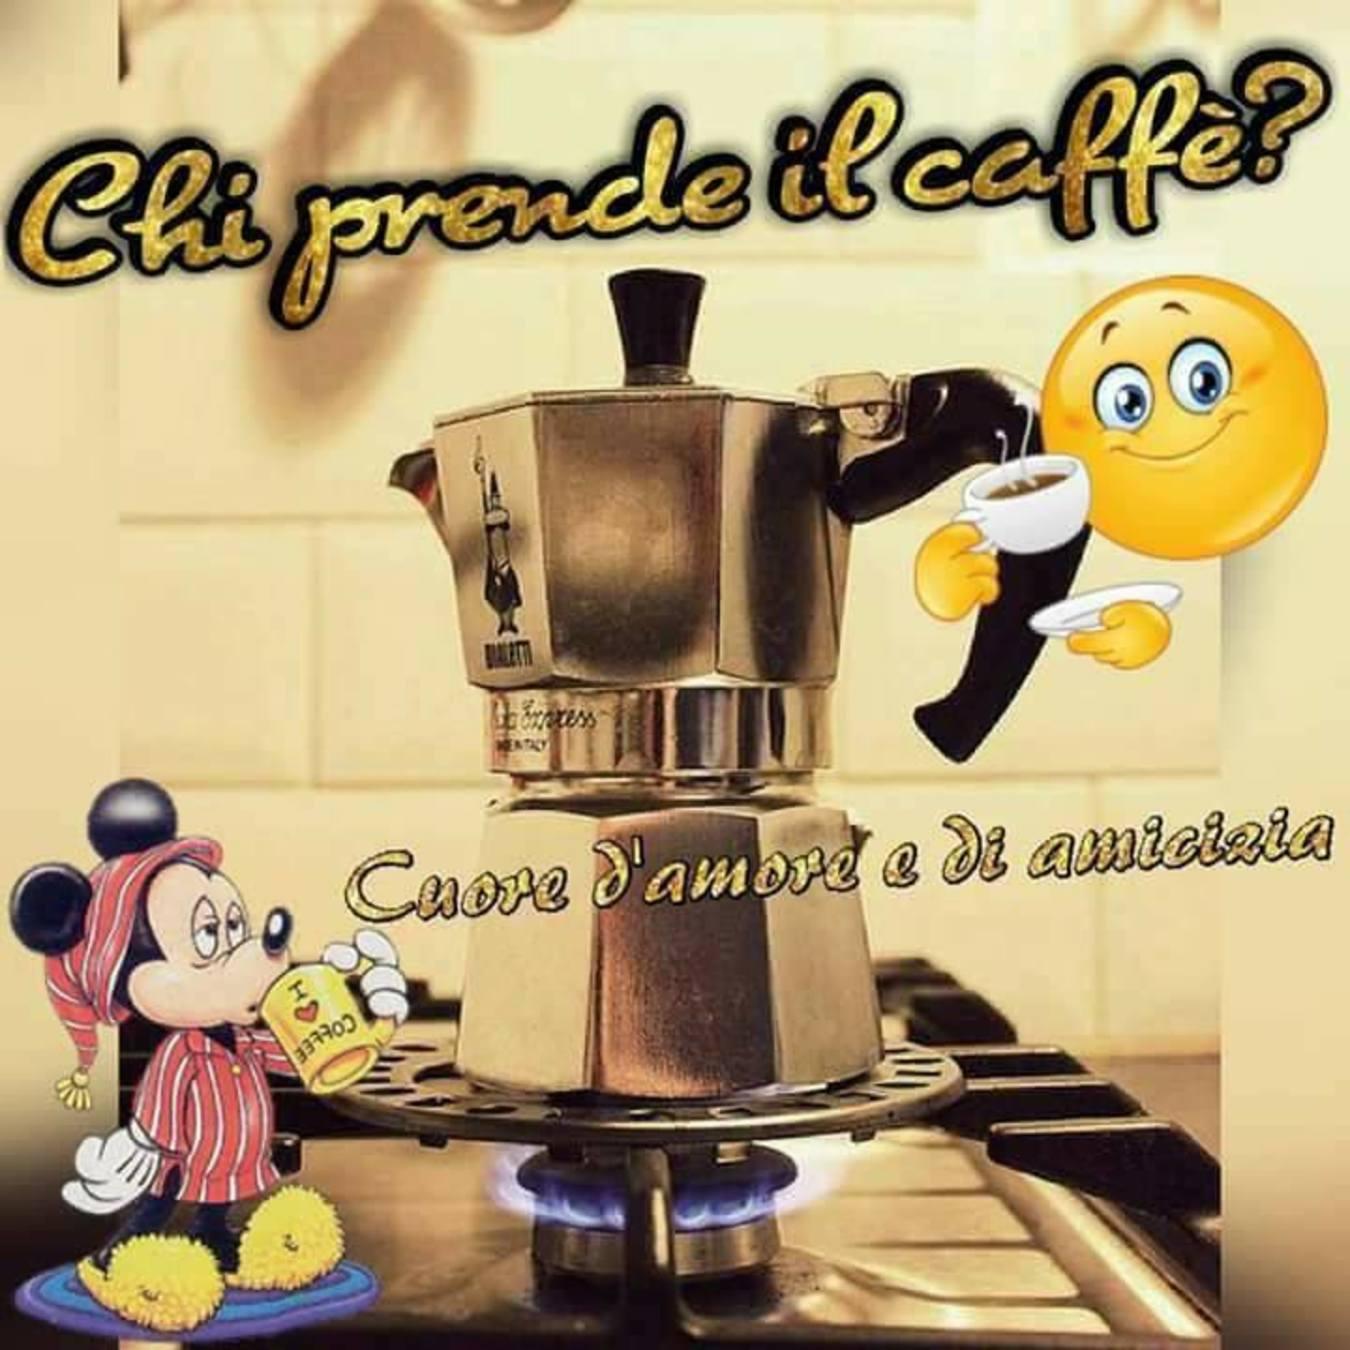 Chi prende il caffè immagini bellissime